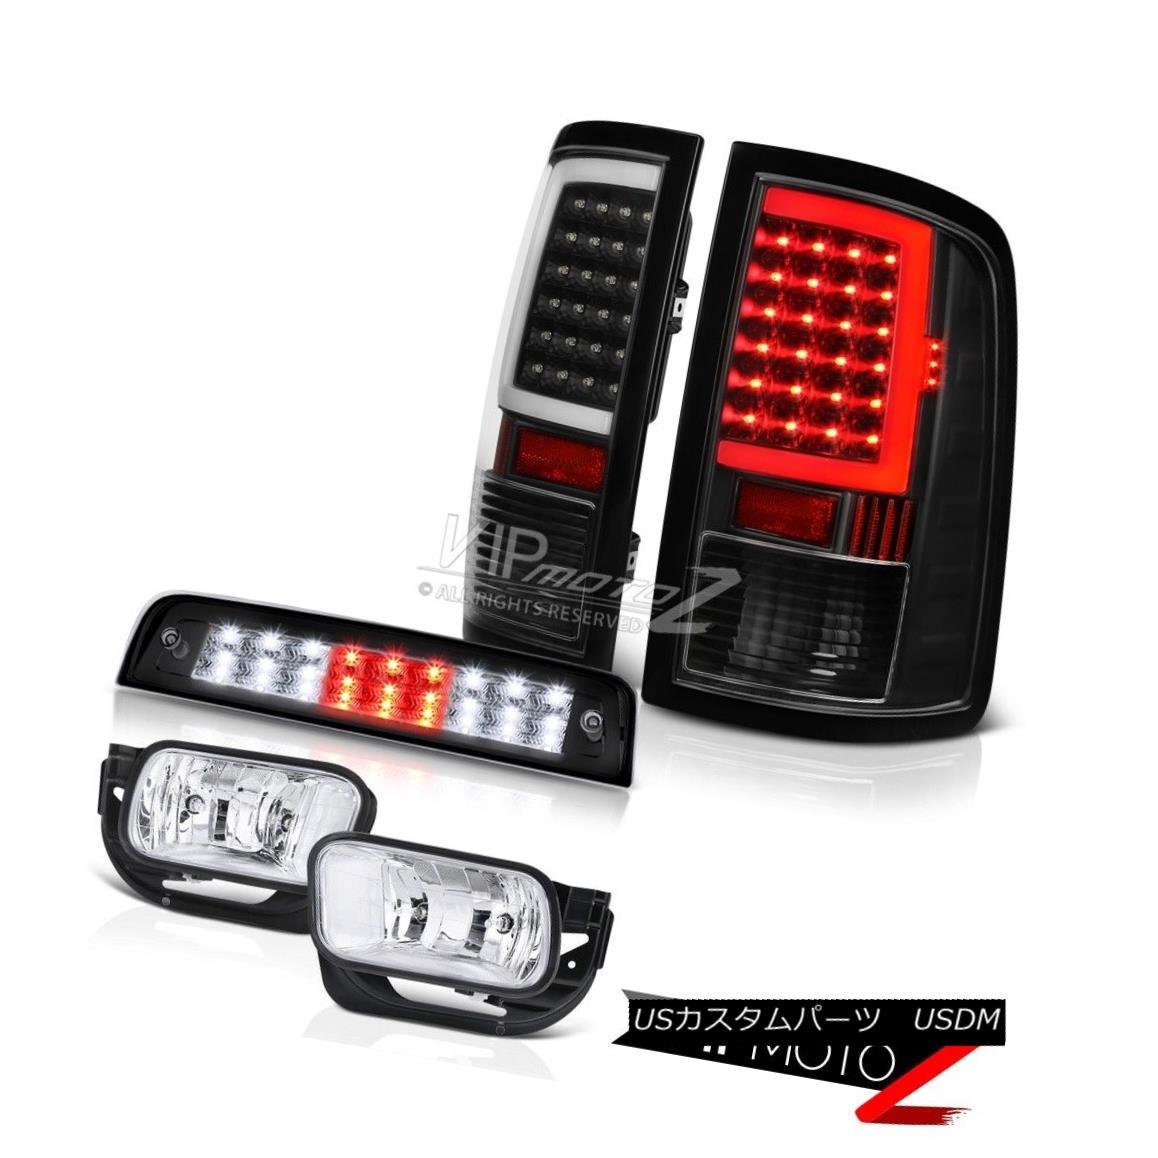 テールライト 09-18 Dodge RAM 2500 3500 Infinity Black Brake Light Led Tail Lights Fog Lamps 09-18 Dodge RAM 2500 3500 InfinityブラックブレーキライトLedテールライトフォグランプ